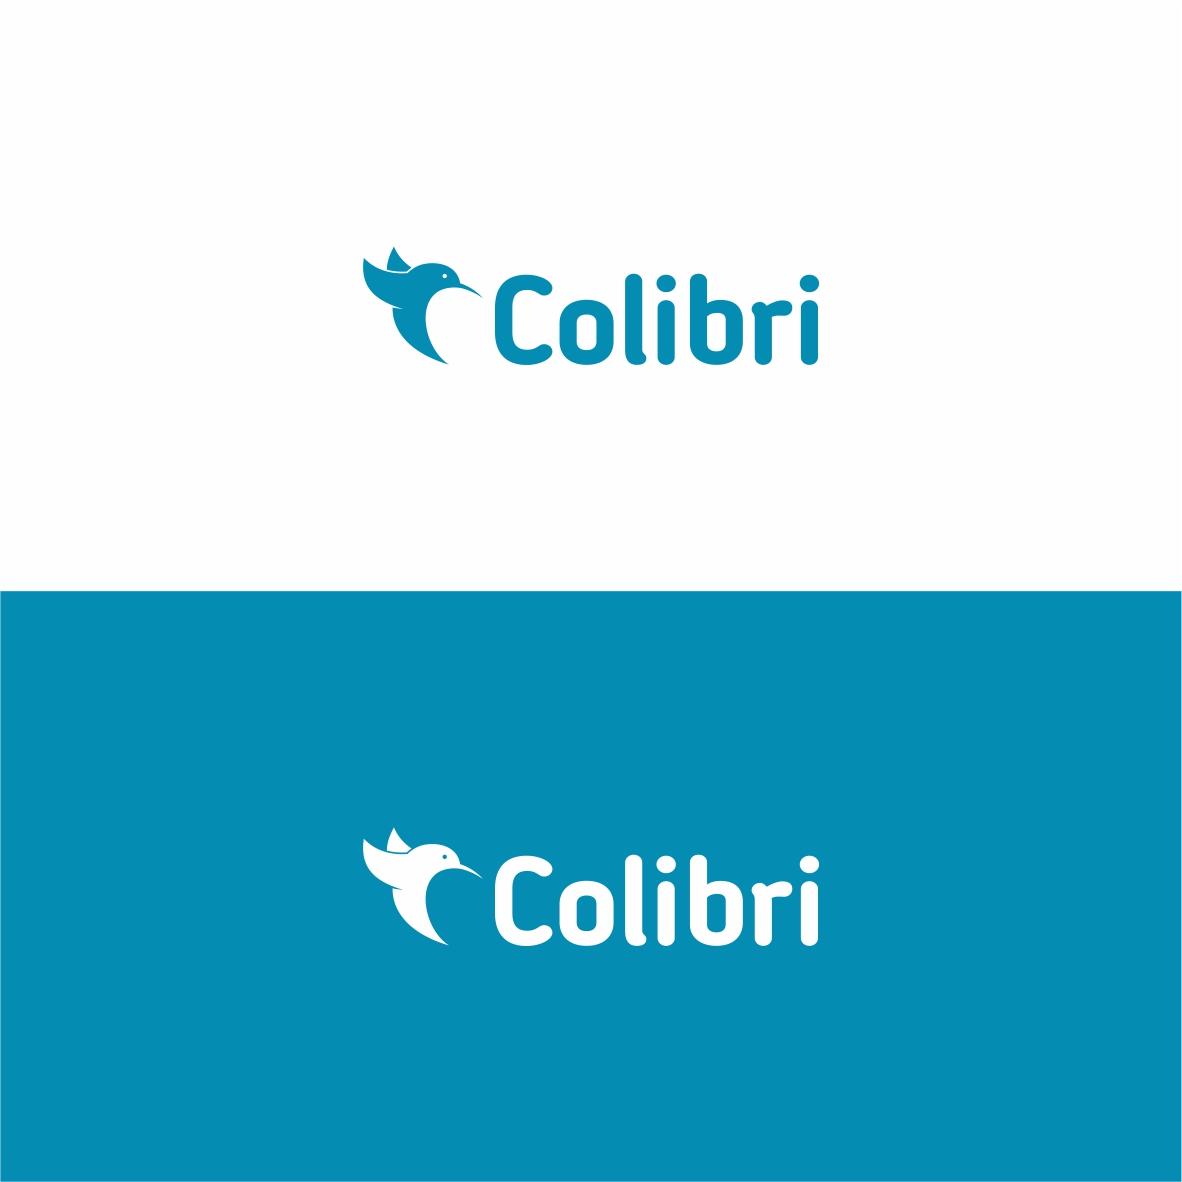 Дизайнер, разработка логотипа компании фото f_045557f21196a7cc.jpg